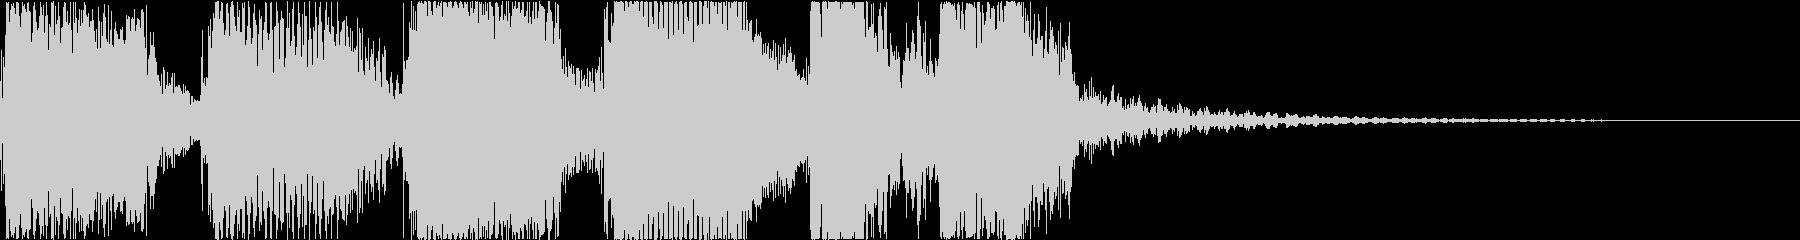 上昇するファンクロックジングルの未再生の波形